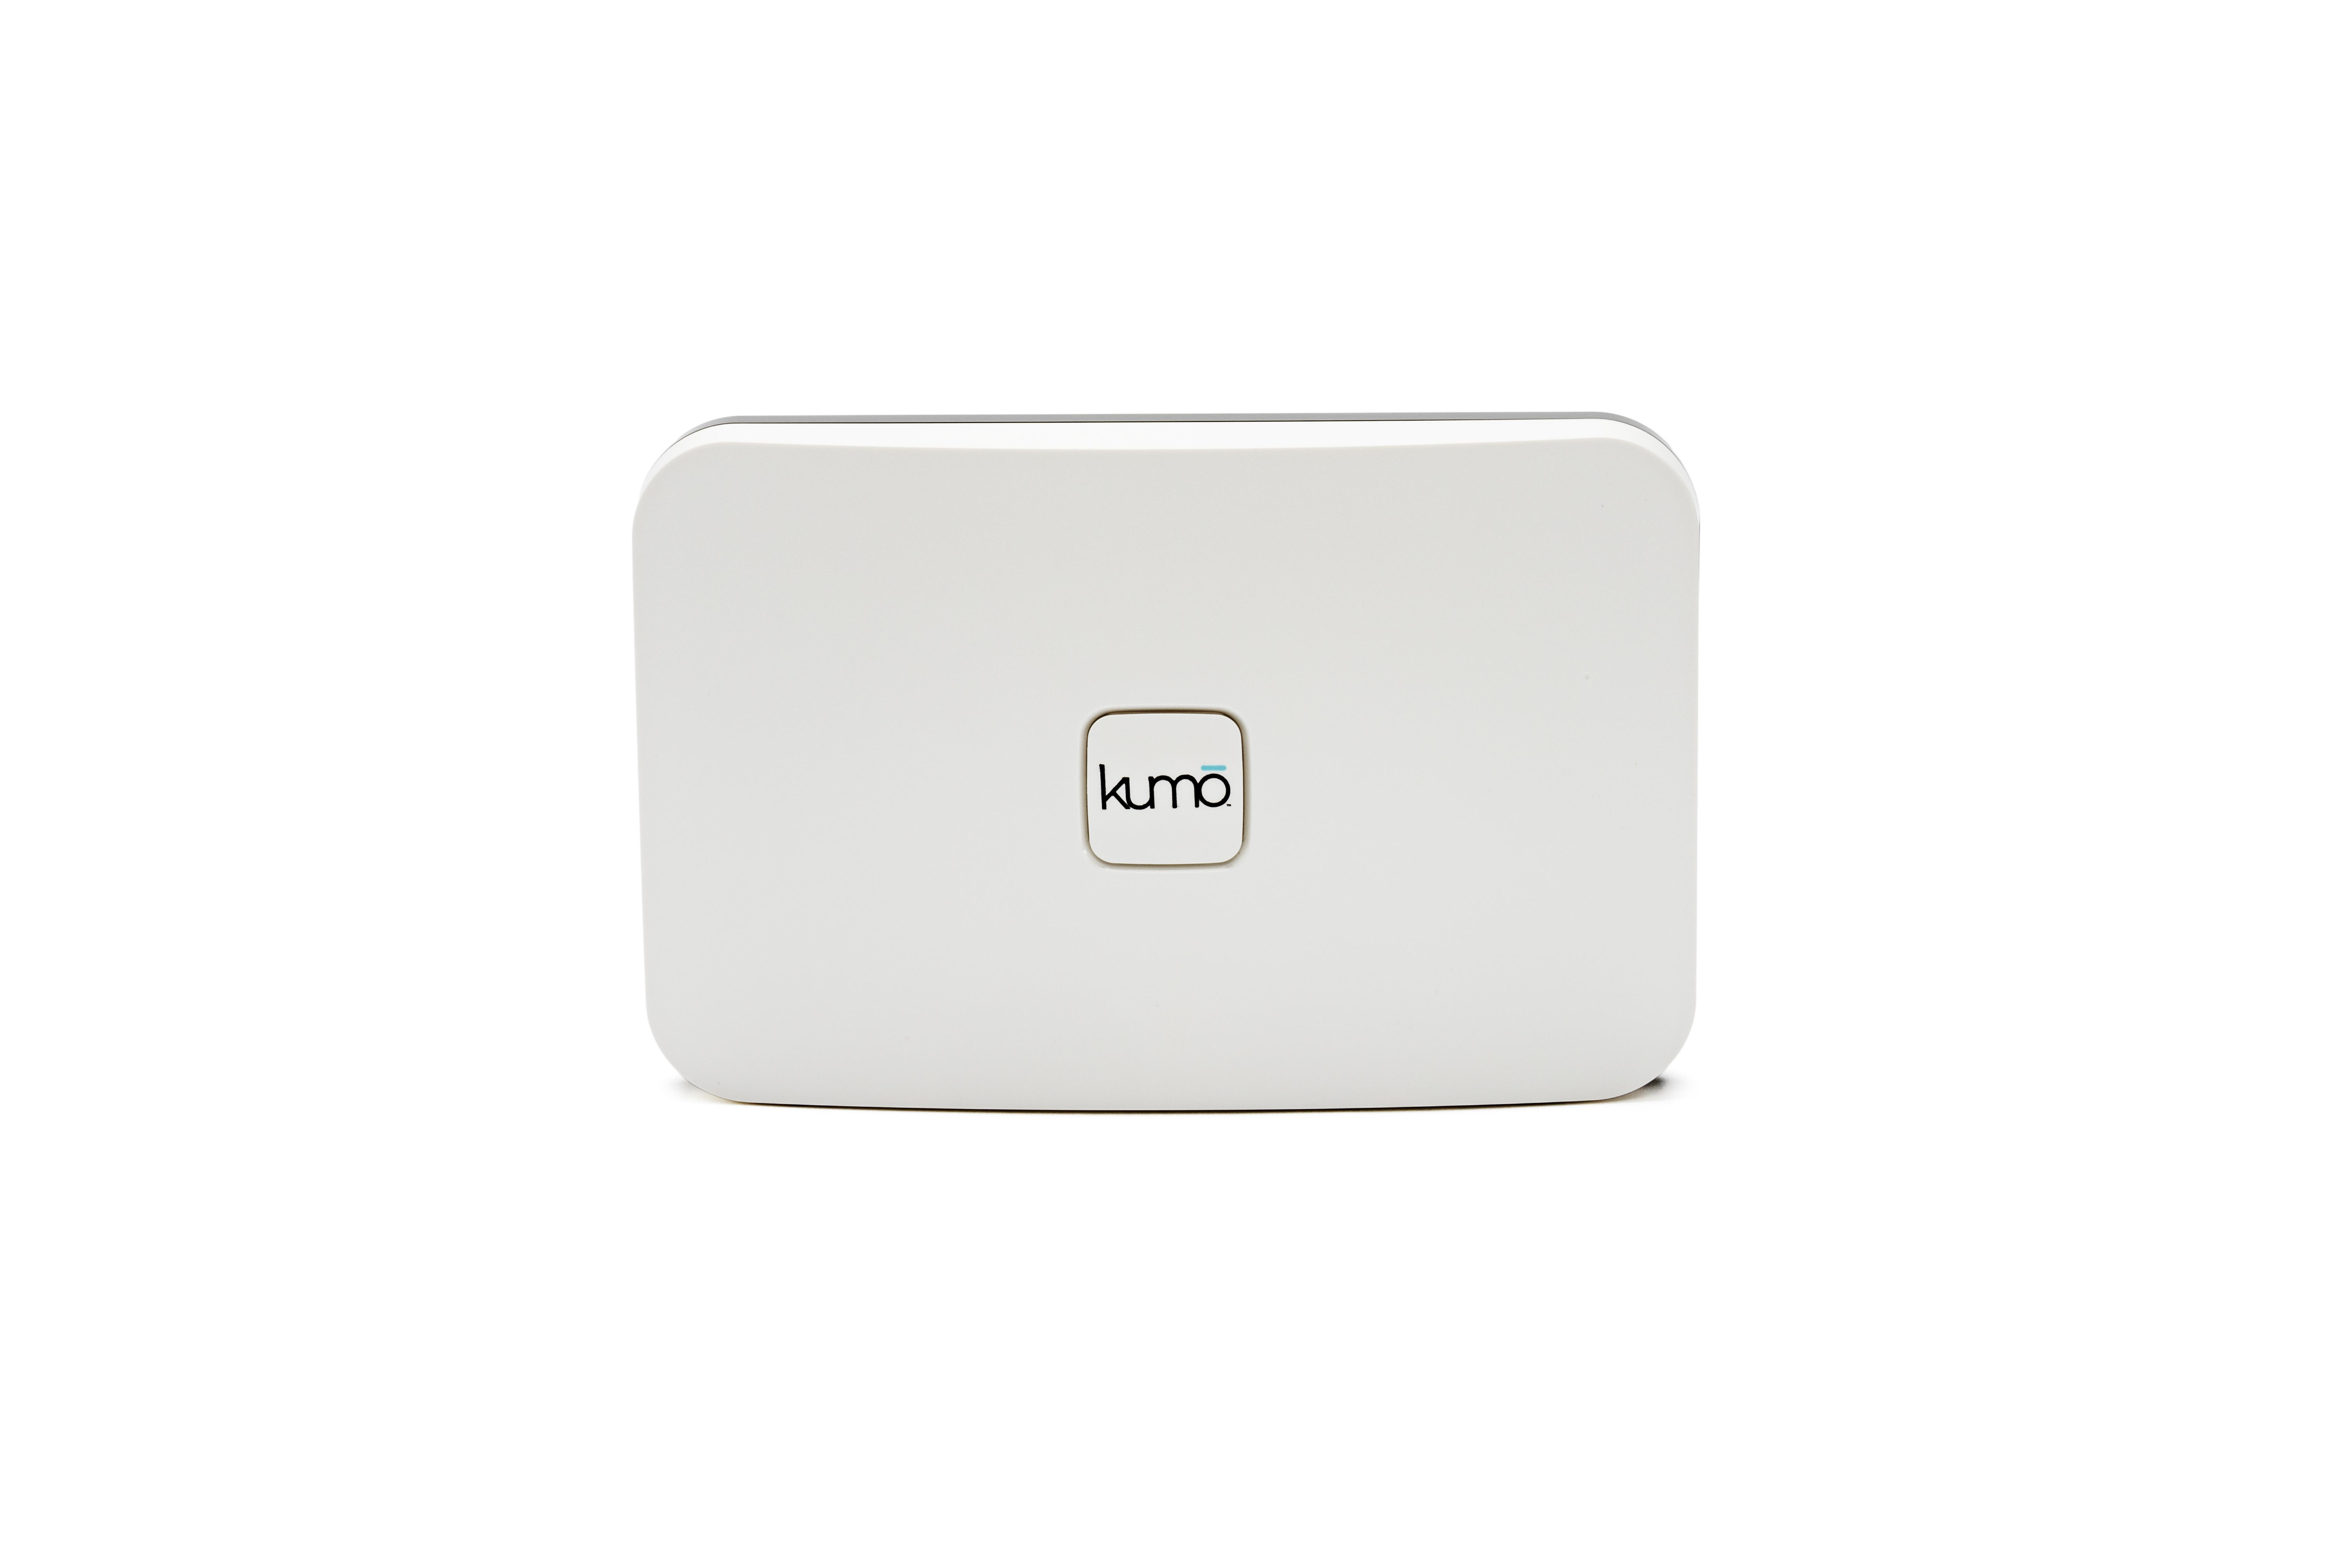 Kumo K200 Router frontside